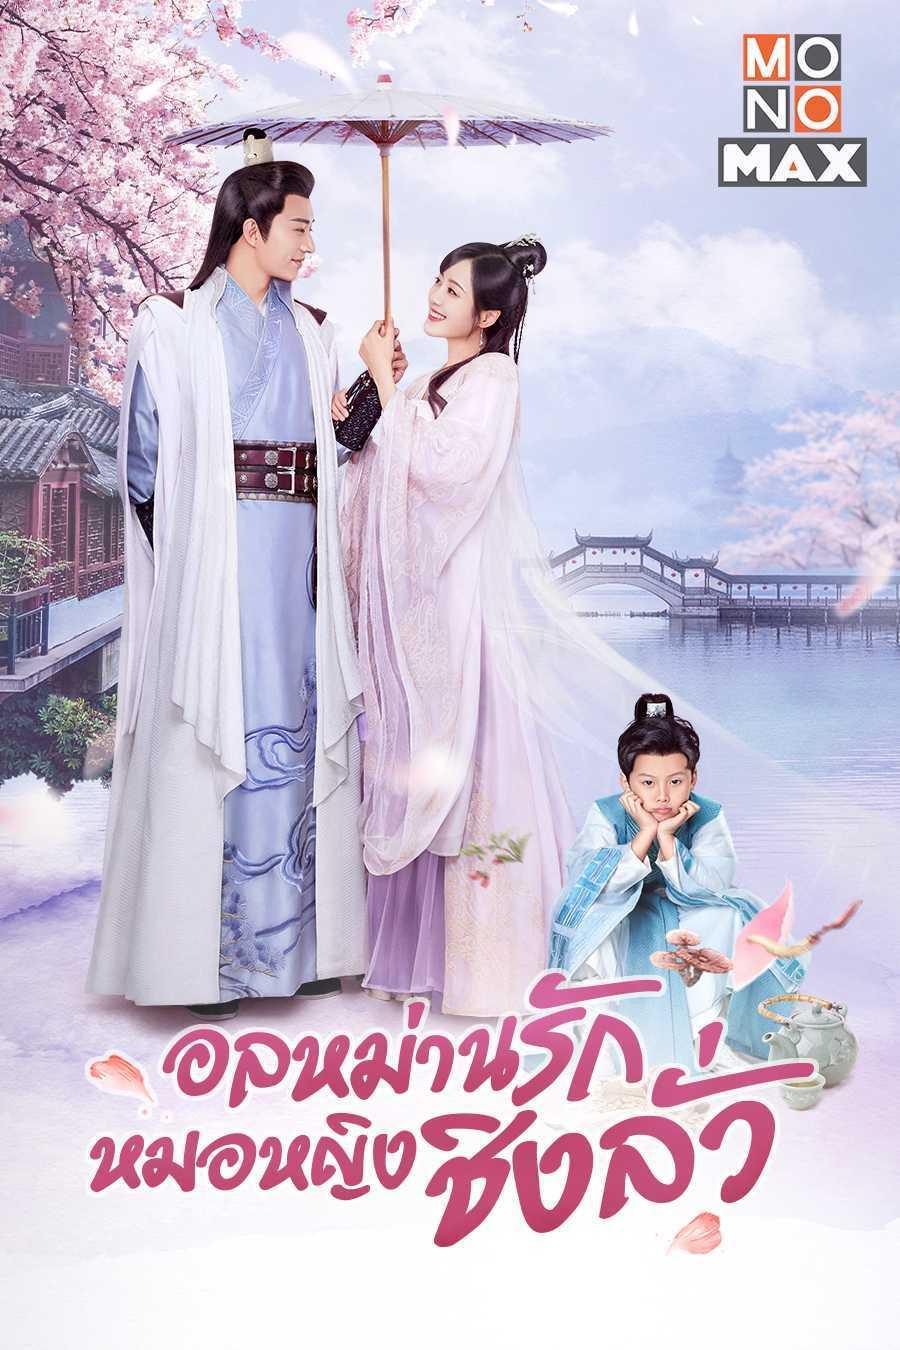 อลหม่านรักหมอหญิงชิงลั่ว-qing-luo-2021-พากย์ไทย-ตอนที่-1-24-จบ-